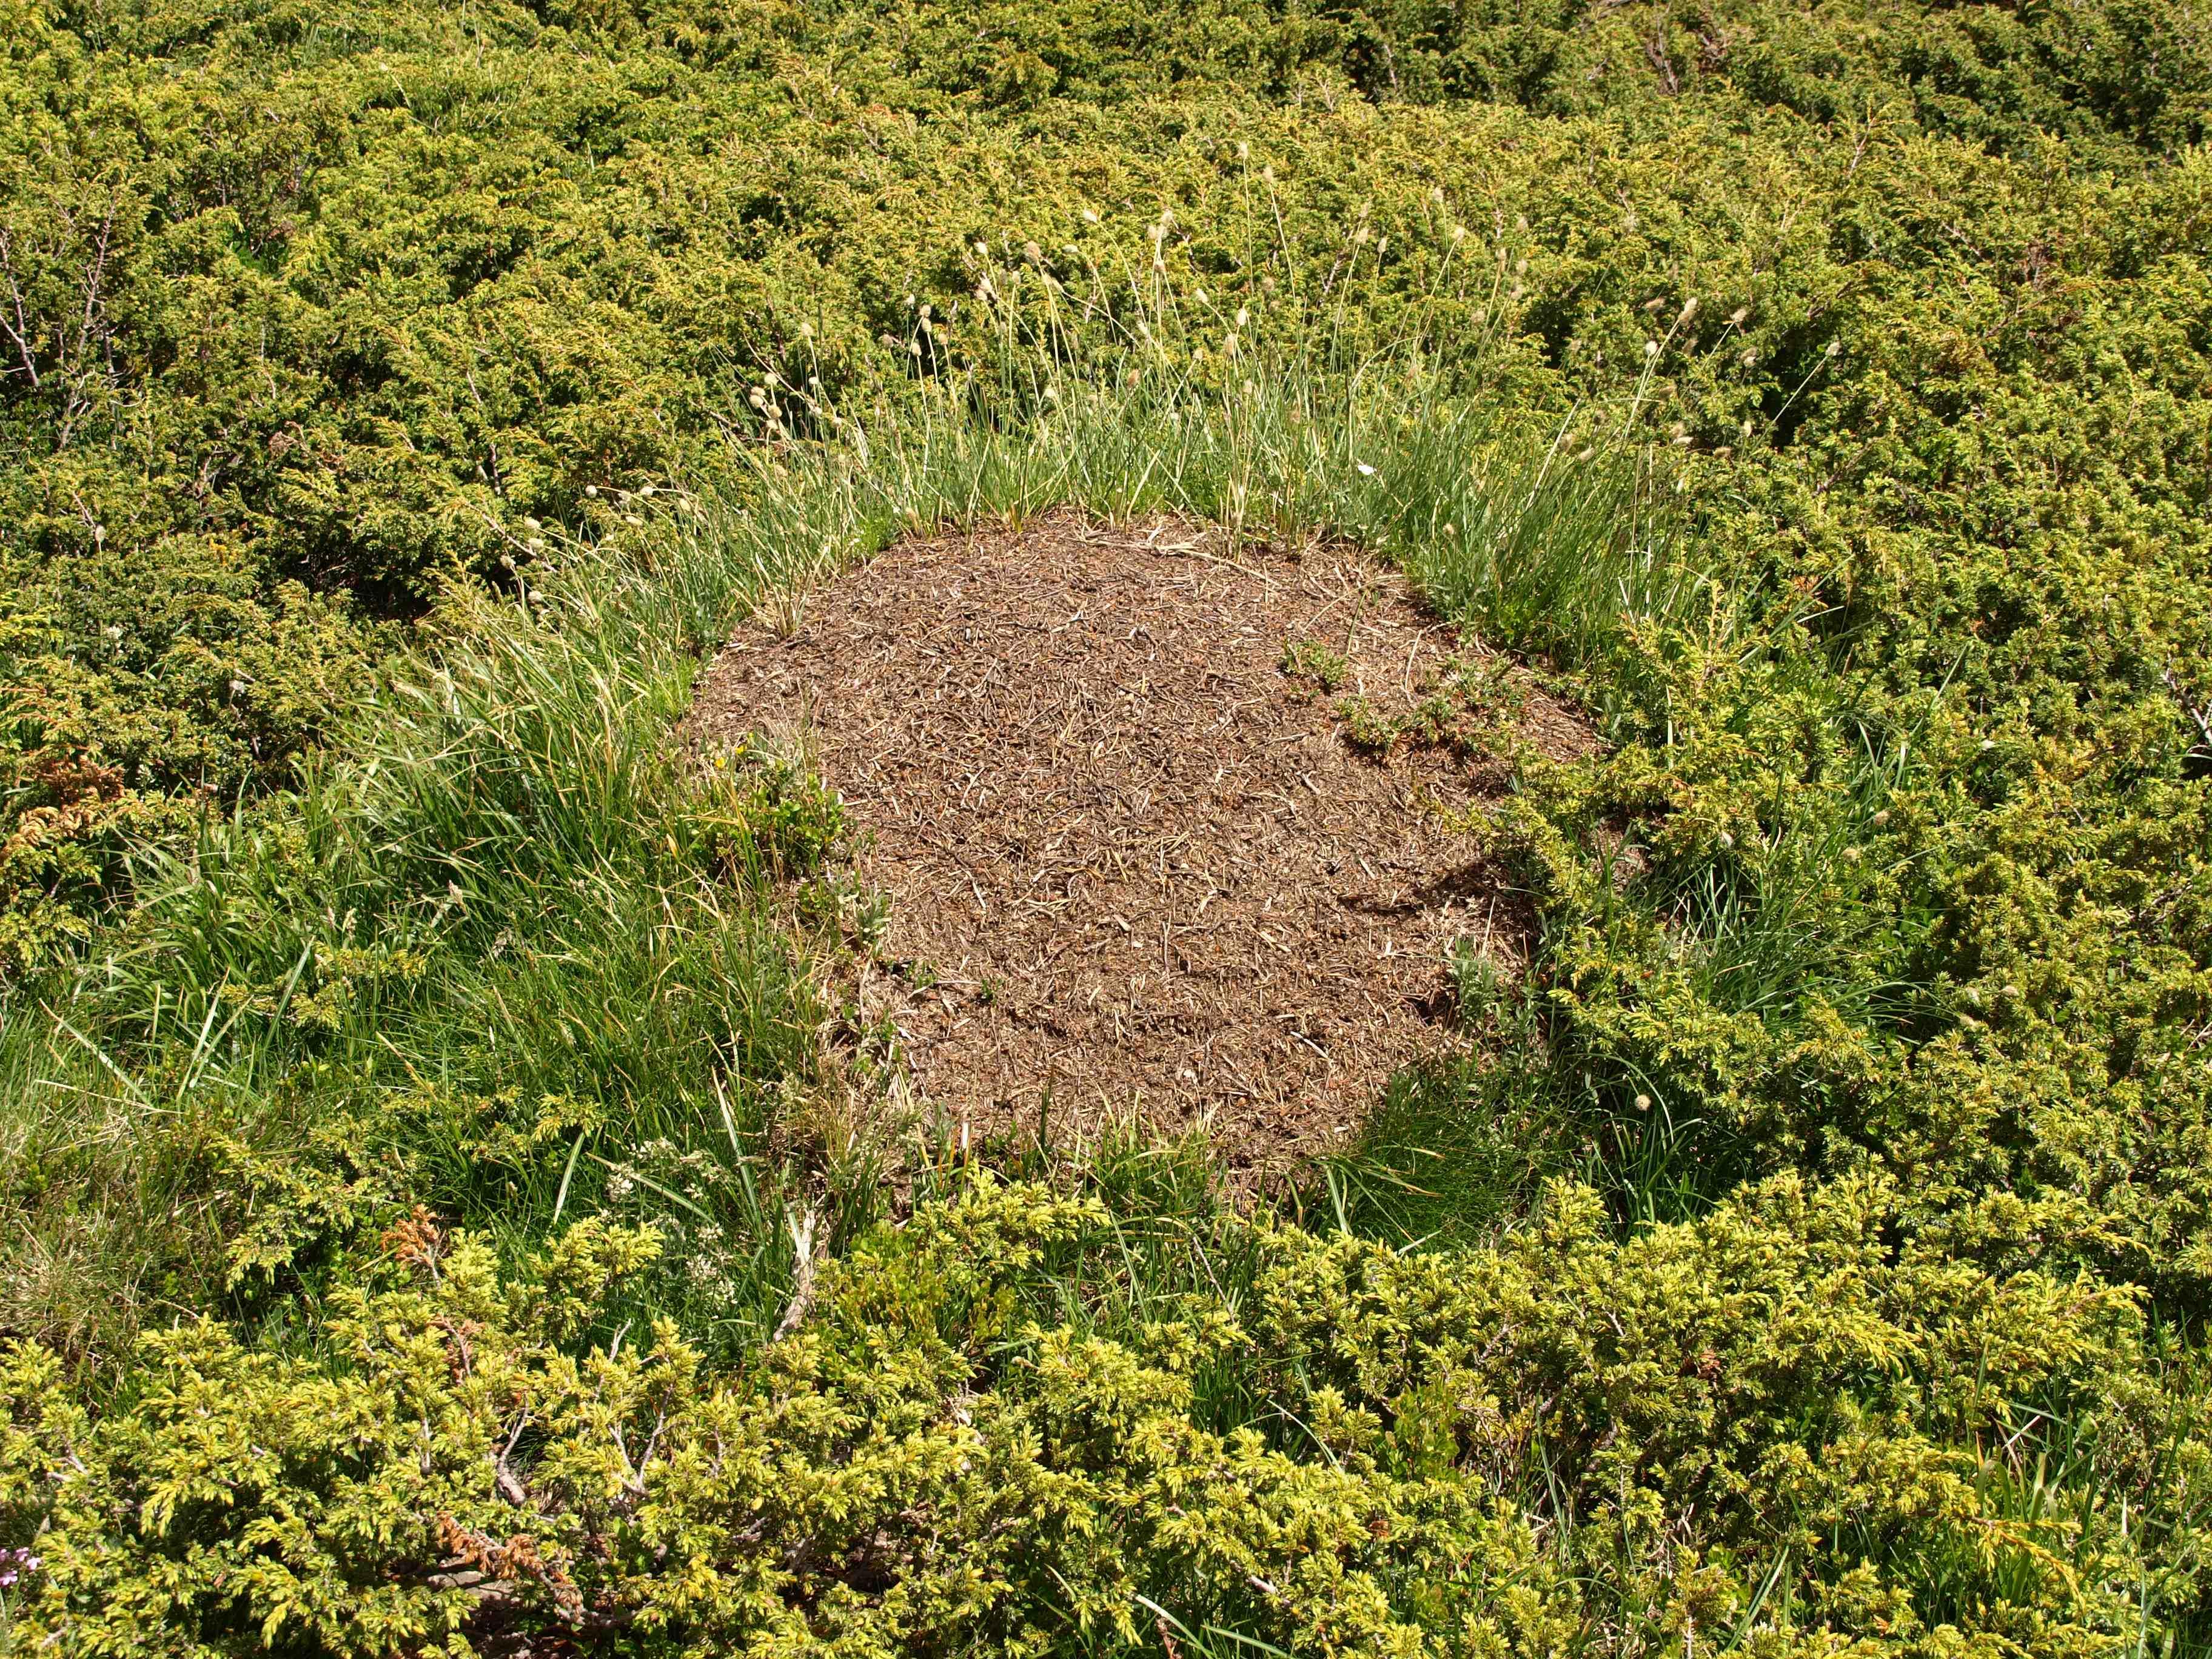 Grosses Fourmis Noires Dans Le Jardin les fourmis détruisent mon gazon! – jardinier paresseux